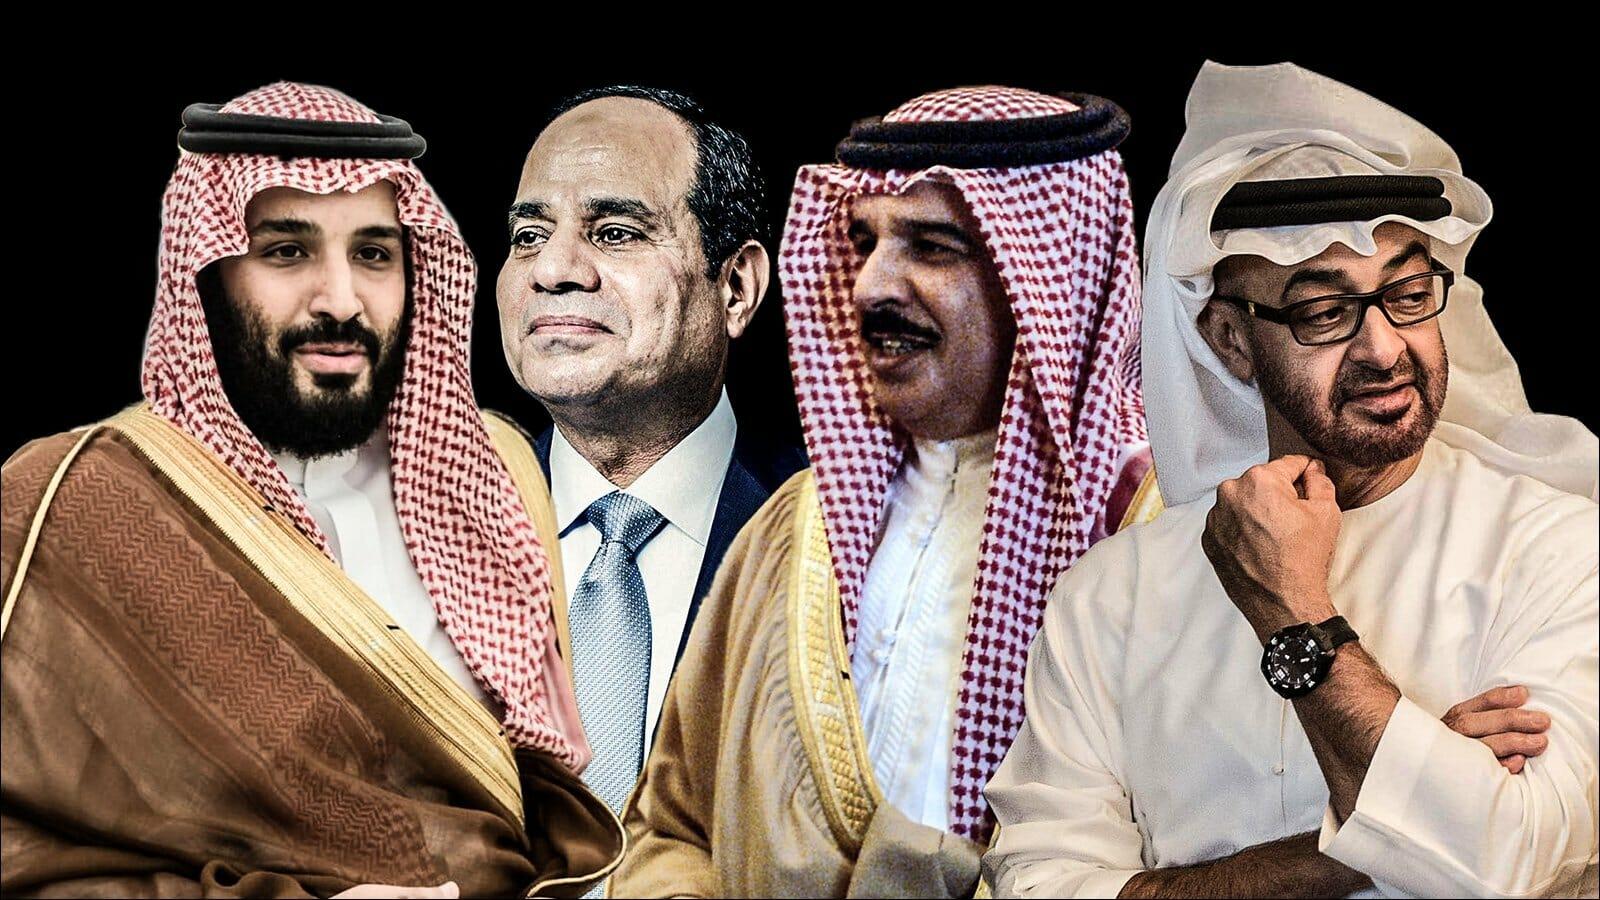 زعماء دول الحصار ، الأزمة الخليجية